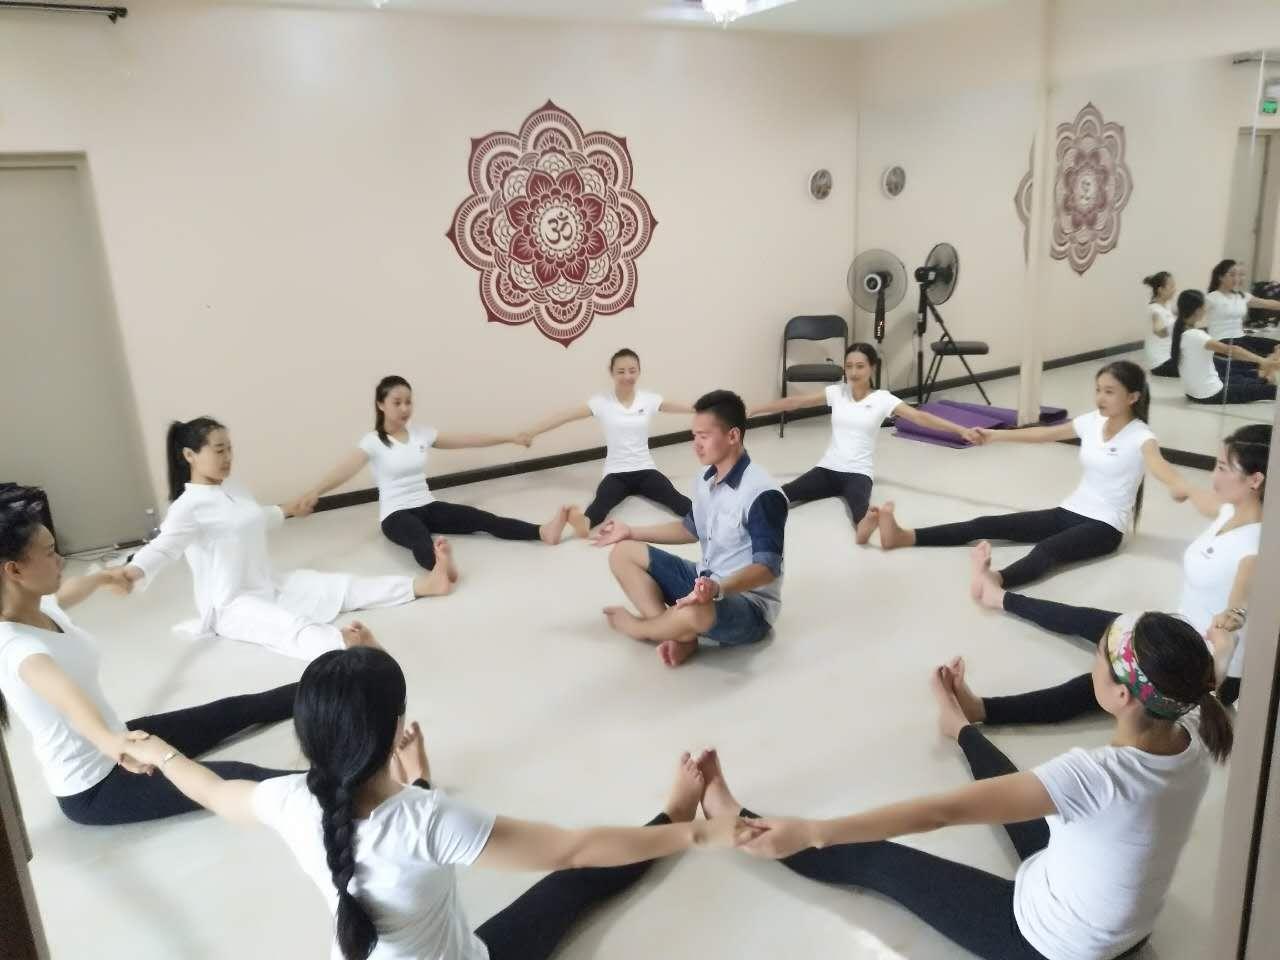 沈阳威思丽瑜伽学校